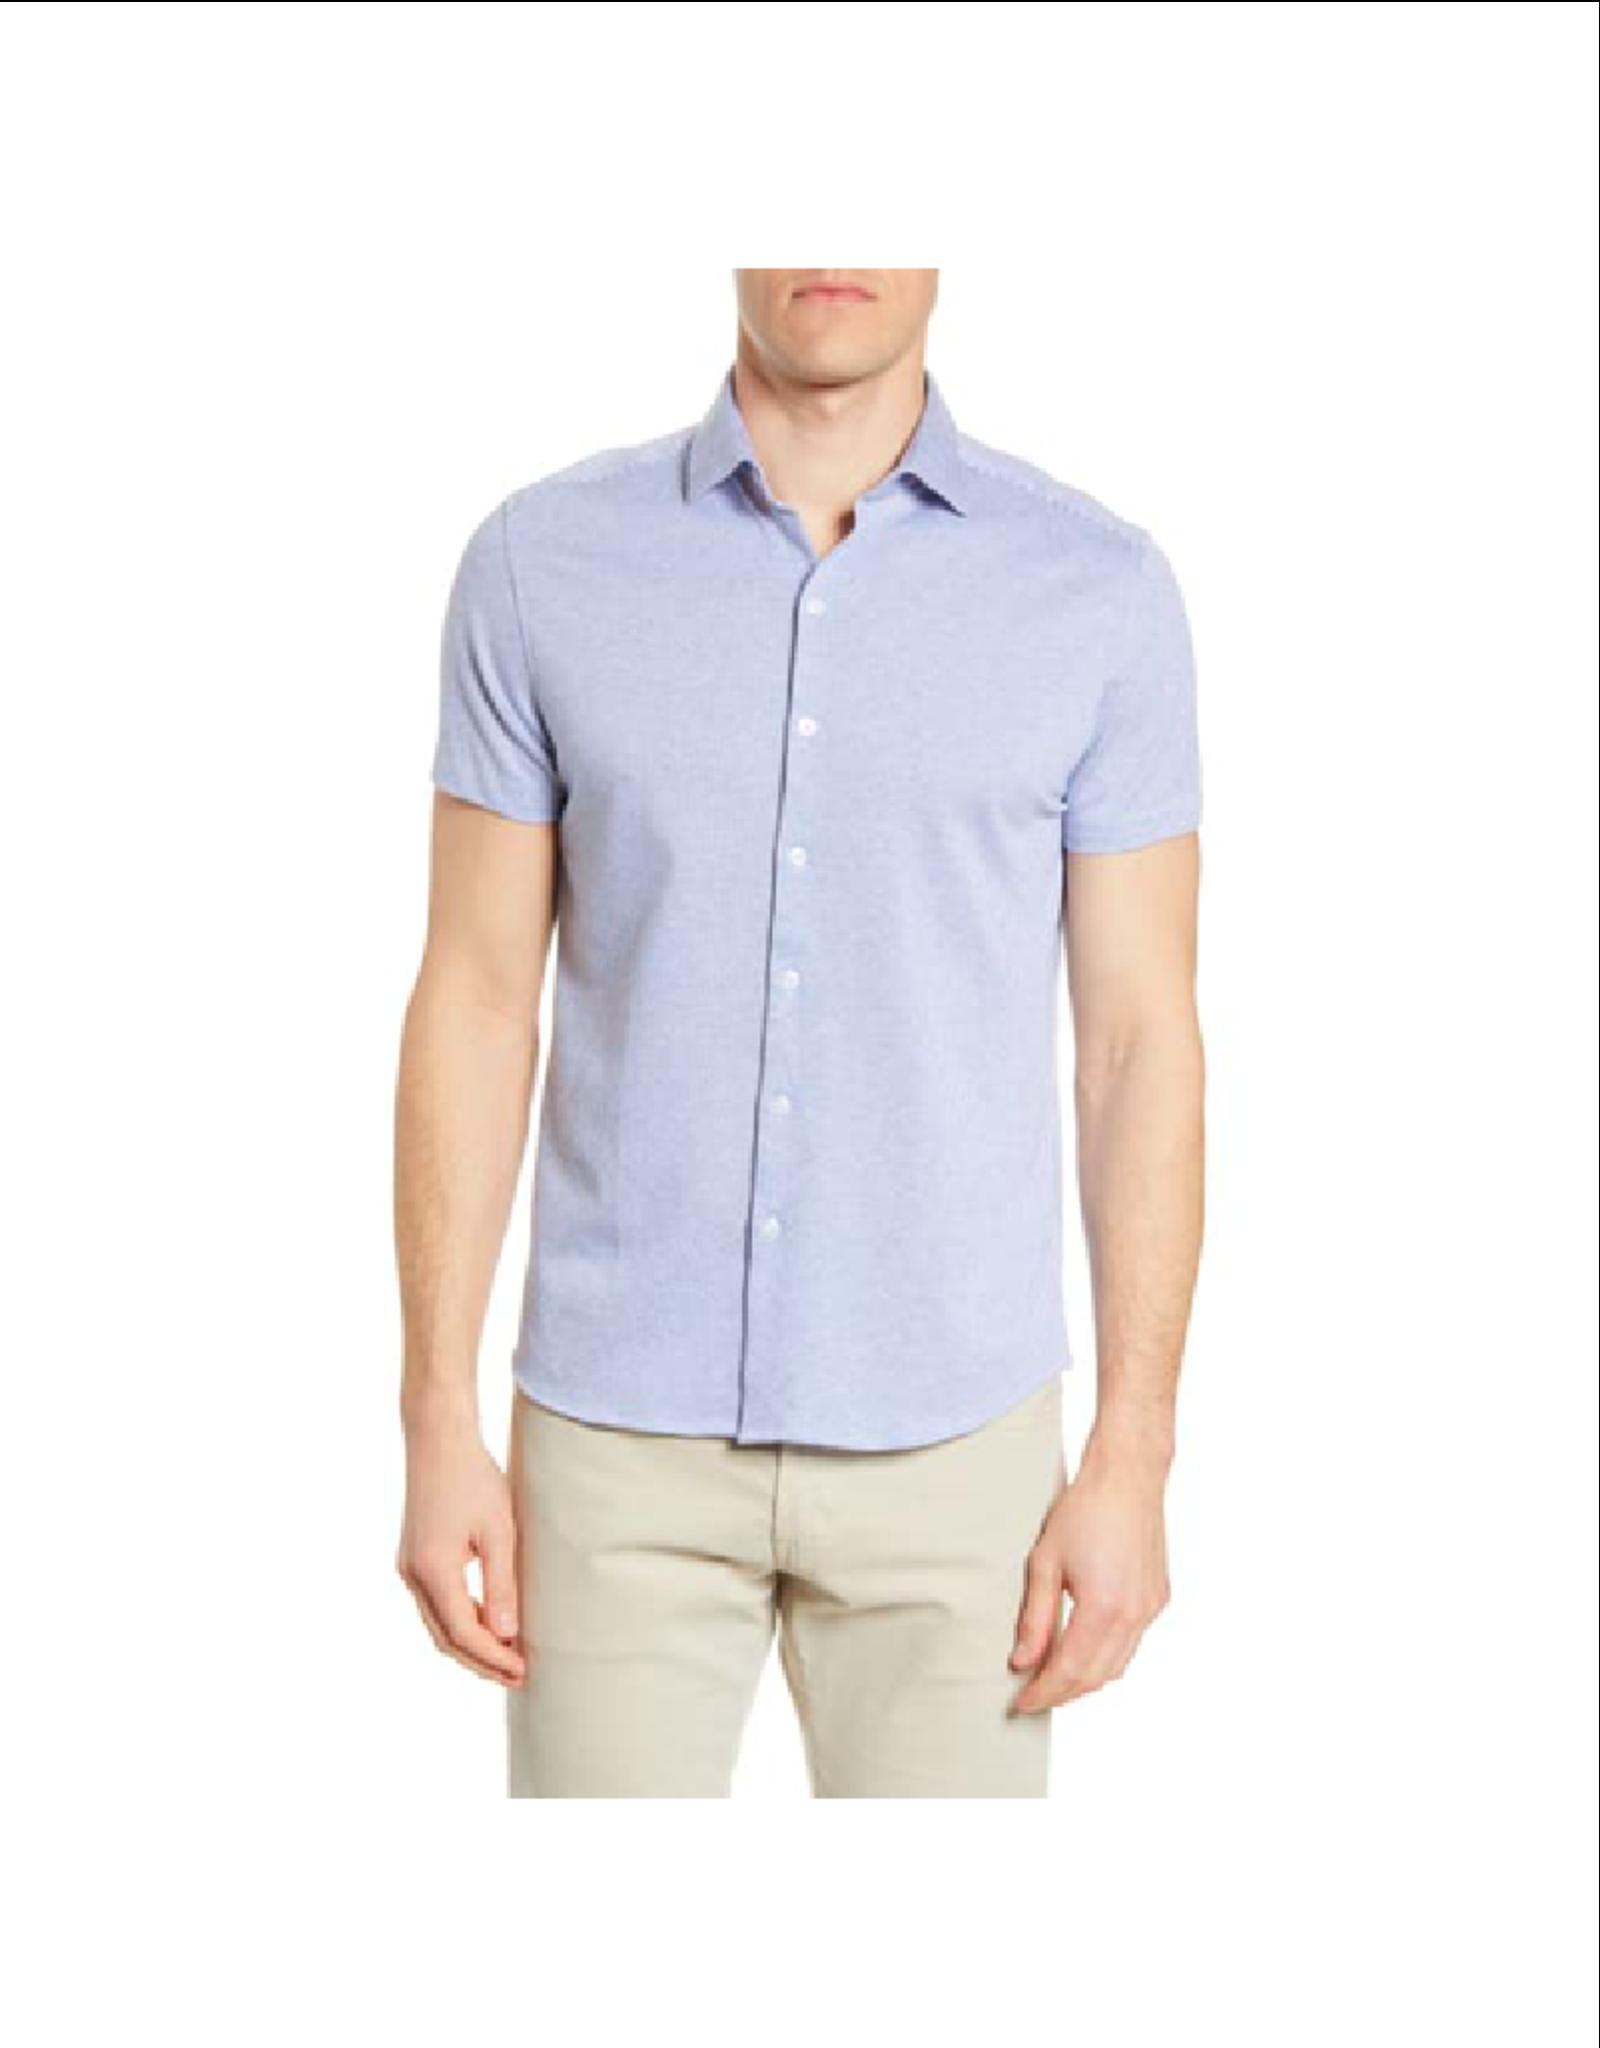 Robert Barakett Willem Short Sleeve Button Up Knit Shirt